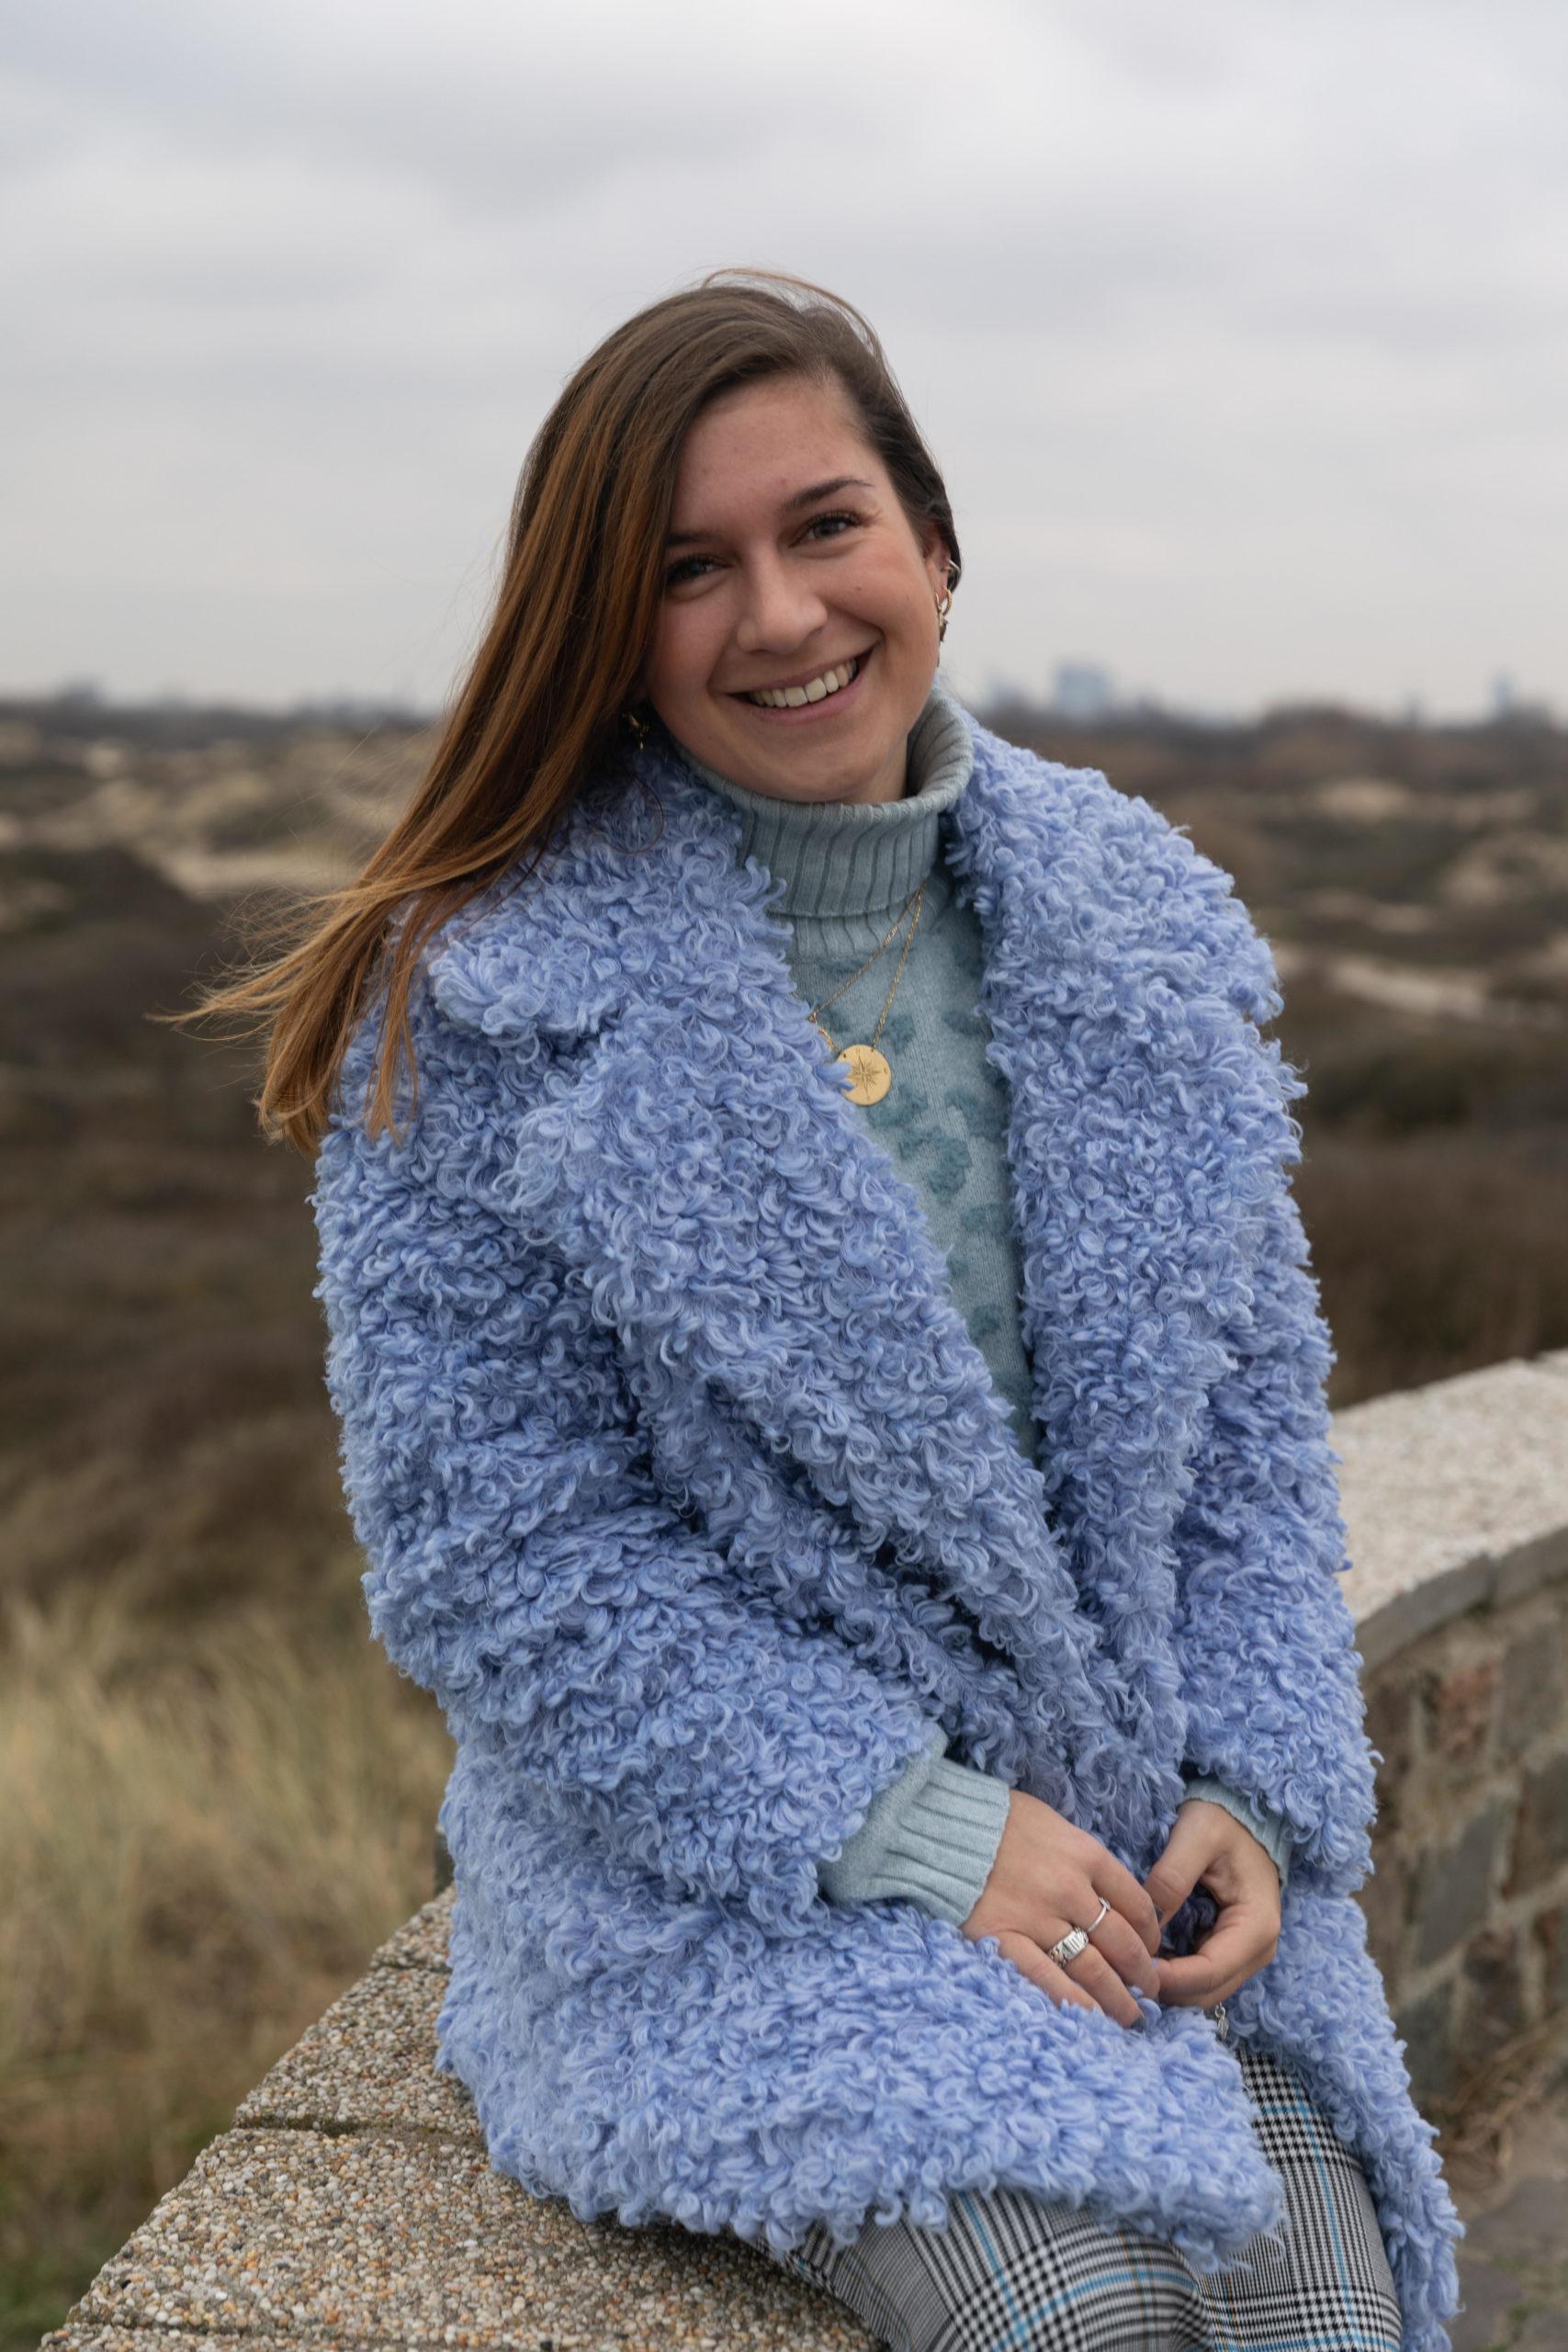 Rachel Kabelaar